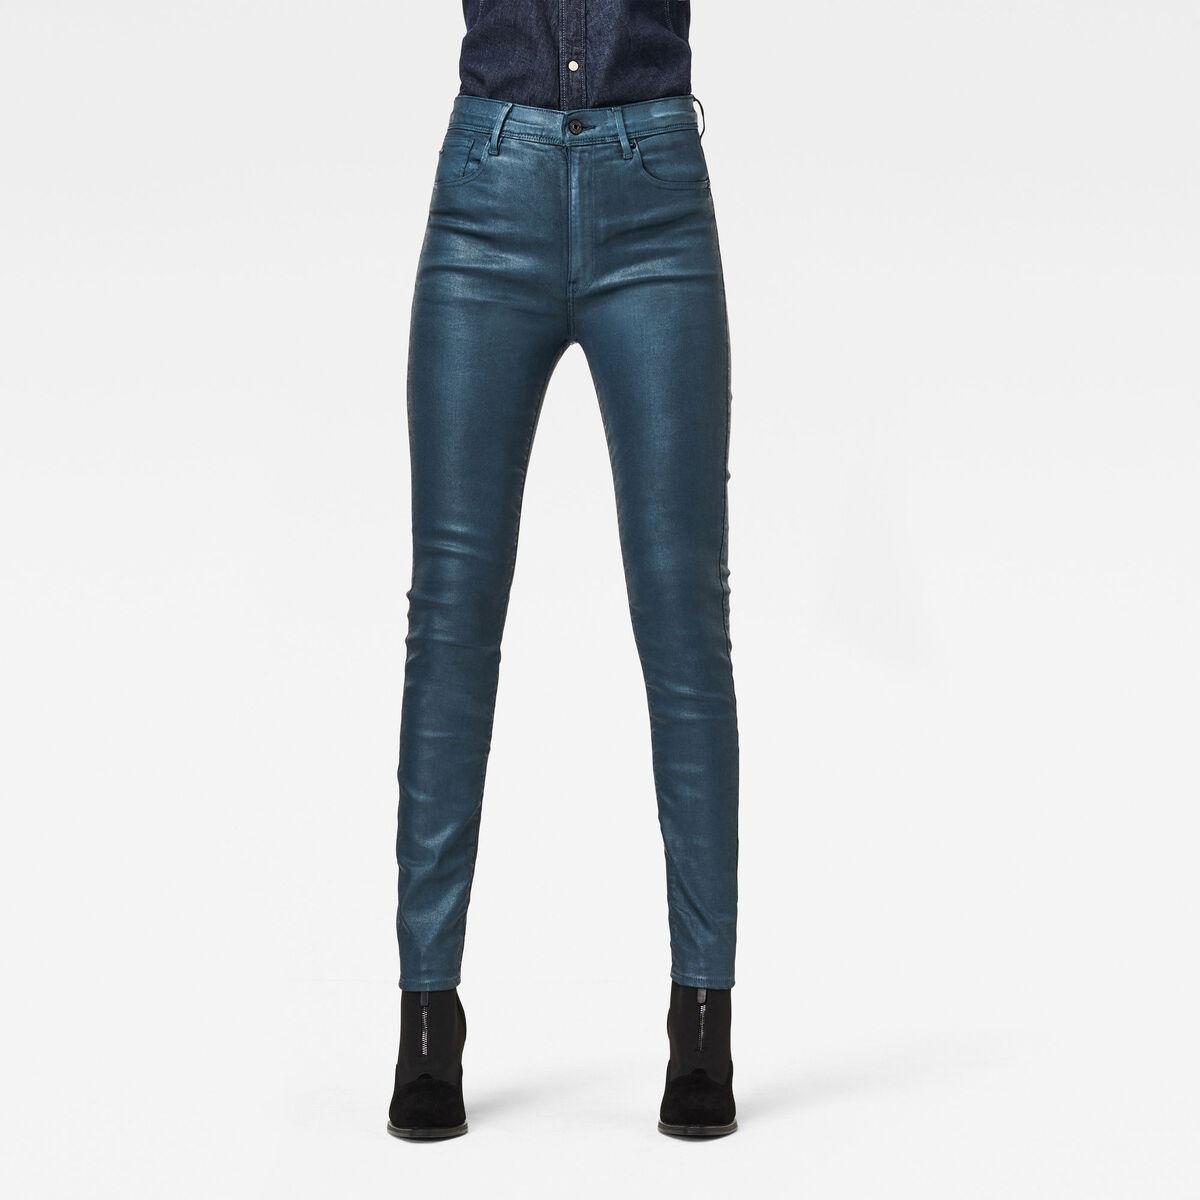 Bild 1 von Kafey Ultra High Skinny Jeans